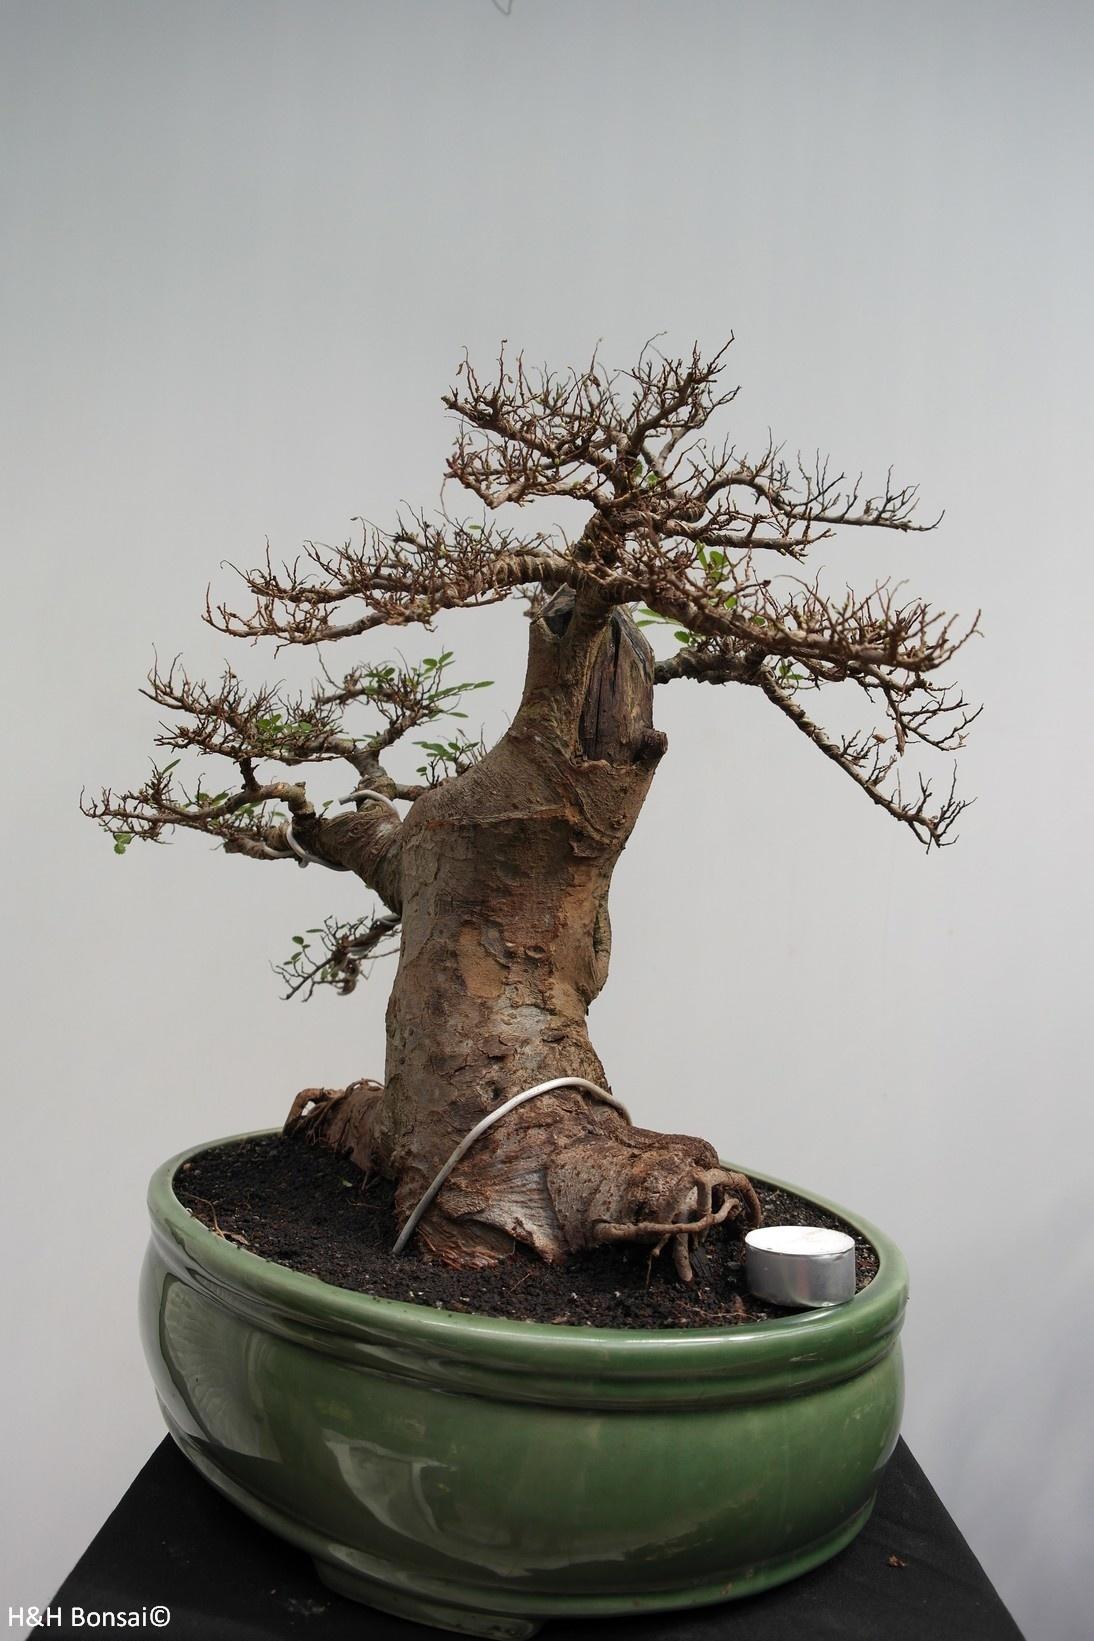 Bonsai Orme de chine, Zelkova, no. 7855